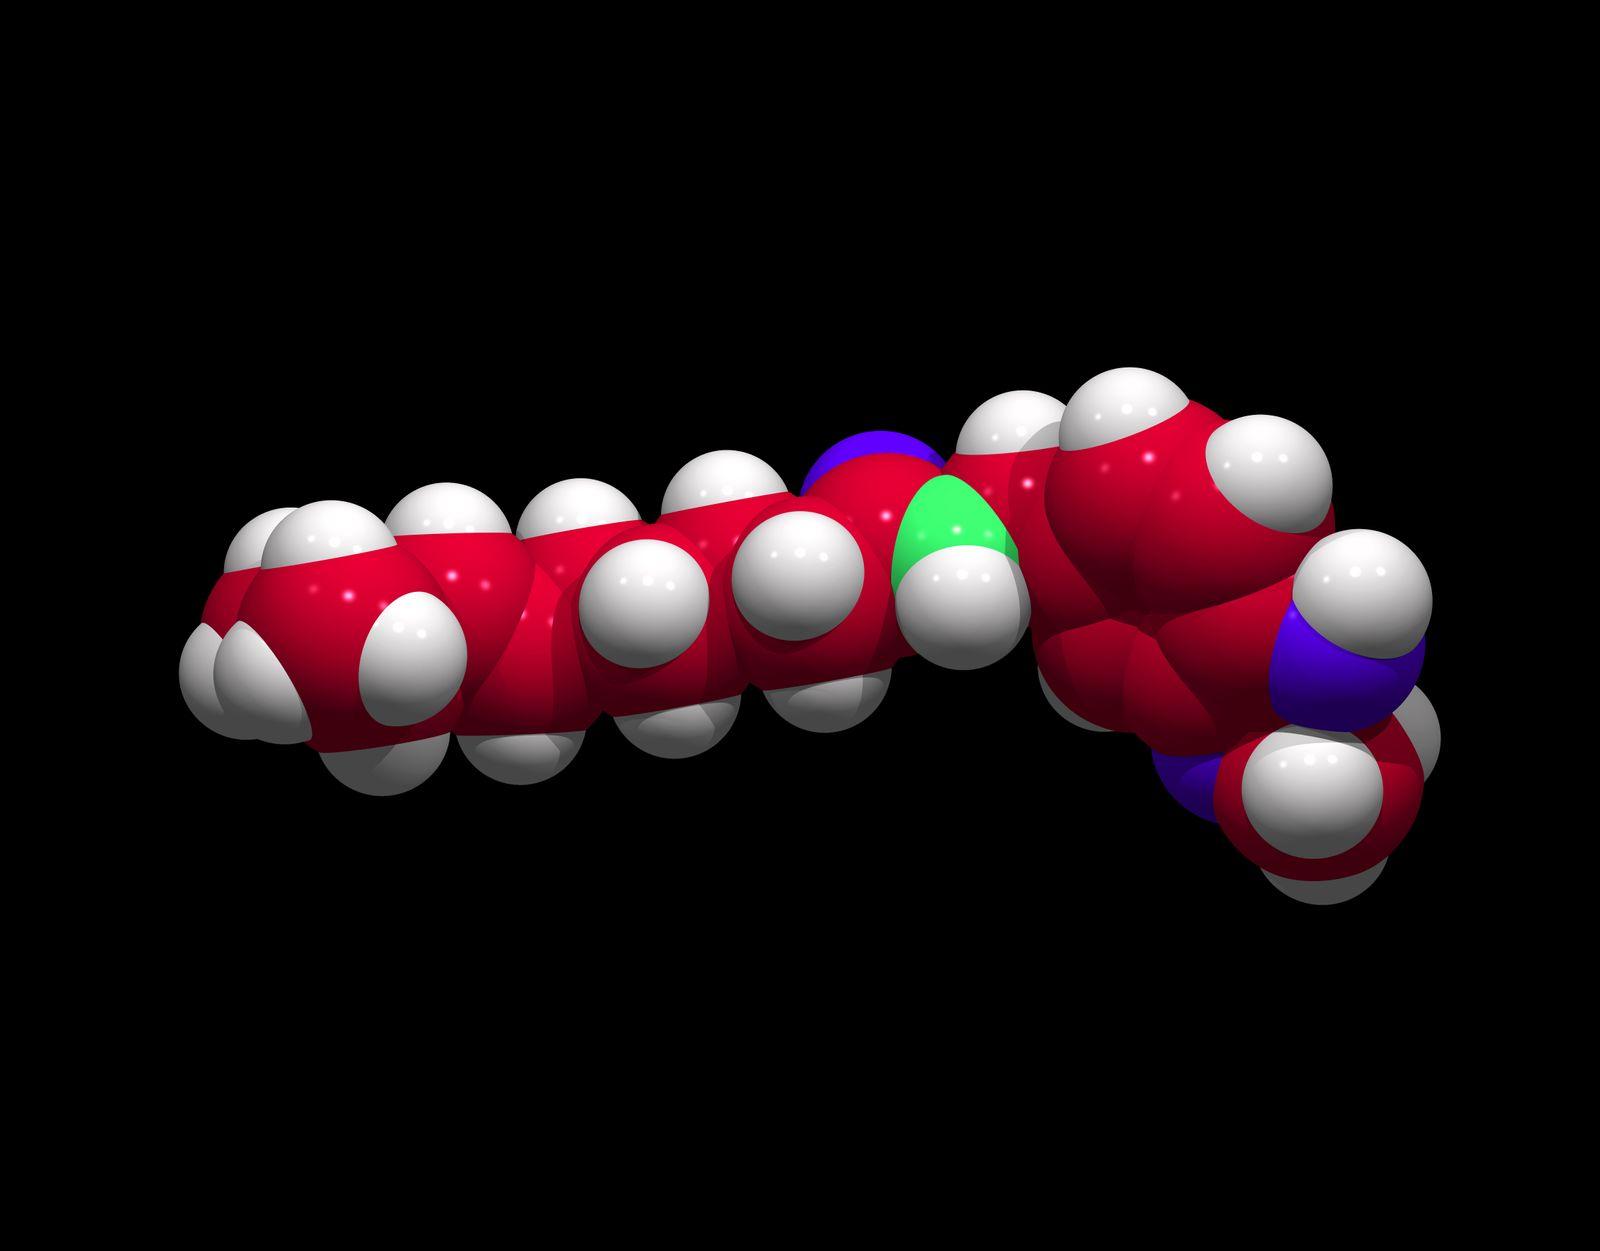 NICHT MEHR VERWENDEN! - Caspaicin / Alkaloid